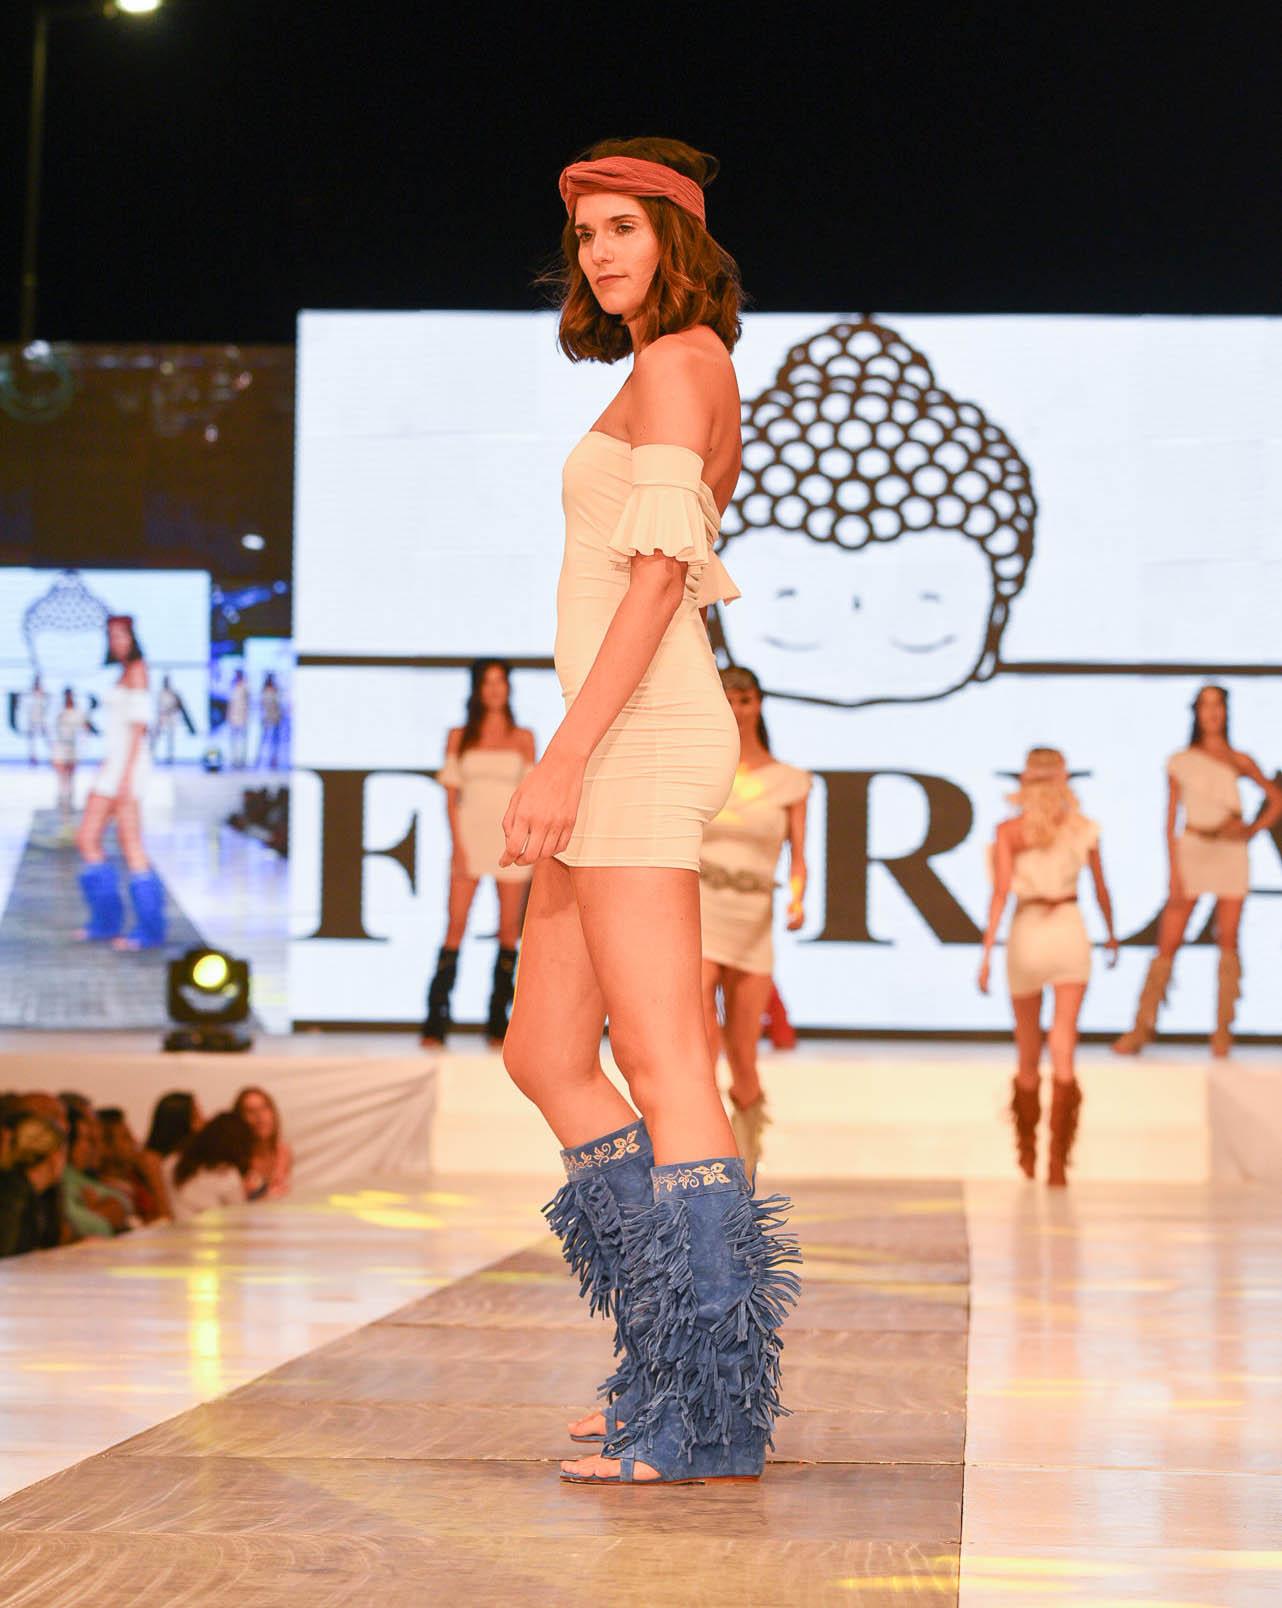 La marca Fiurla presentó una colección de calzado y accesorios inspirada en una mujer fuerte y segura